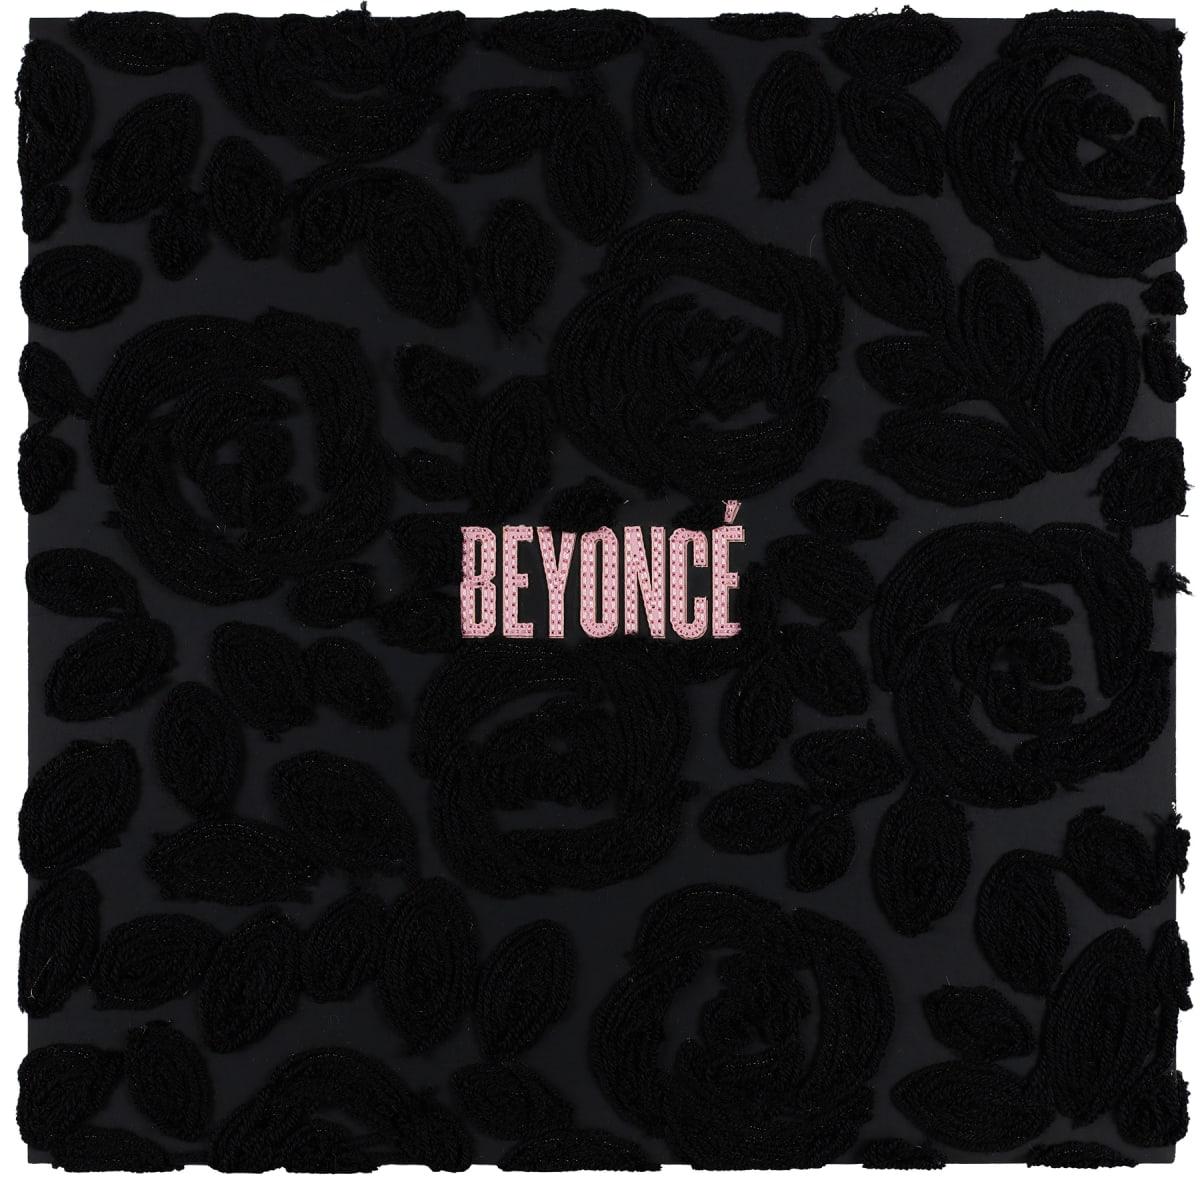 Stephen Wilson, Beyonce, Beyonce , 2019